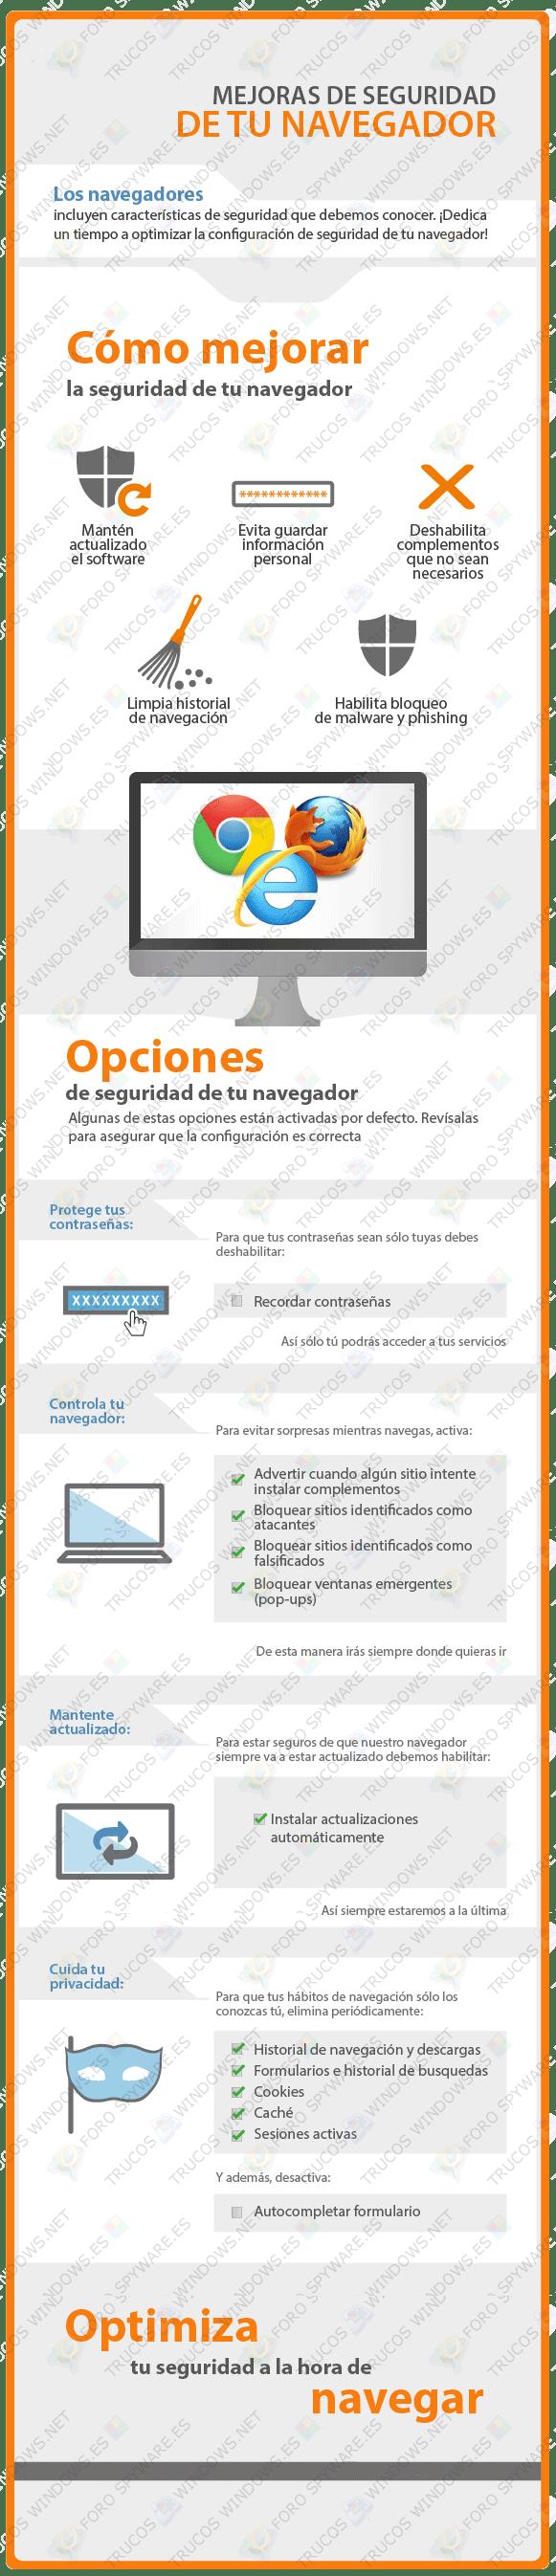 infografia-post-seguridad-navegadores